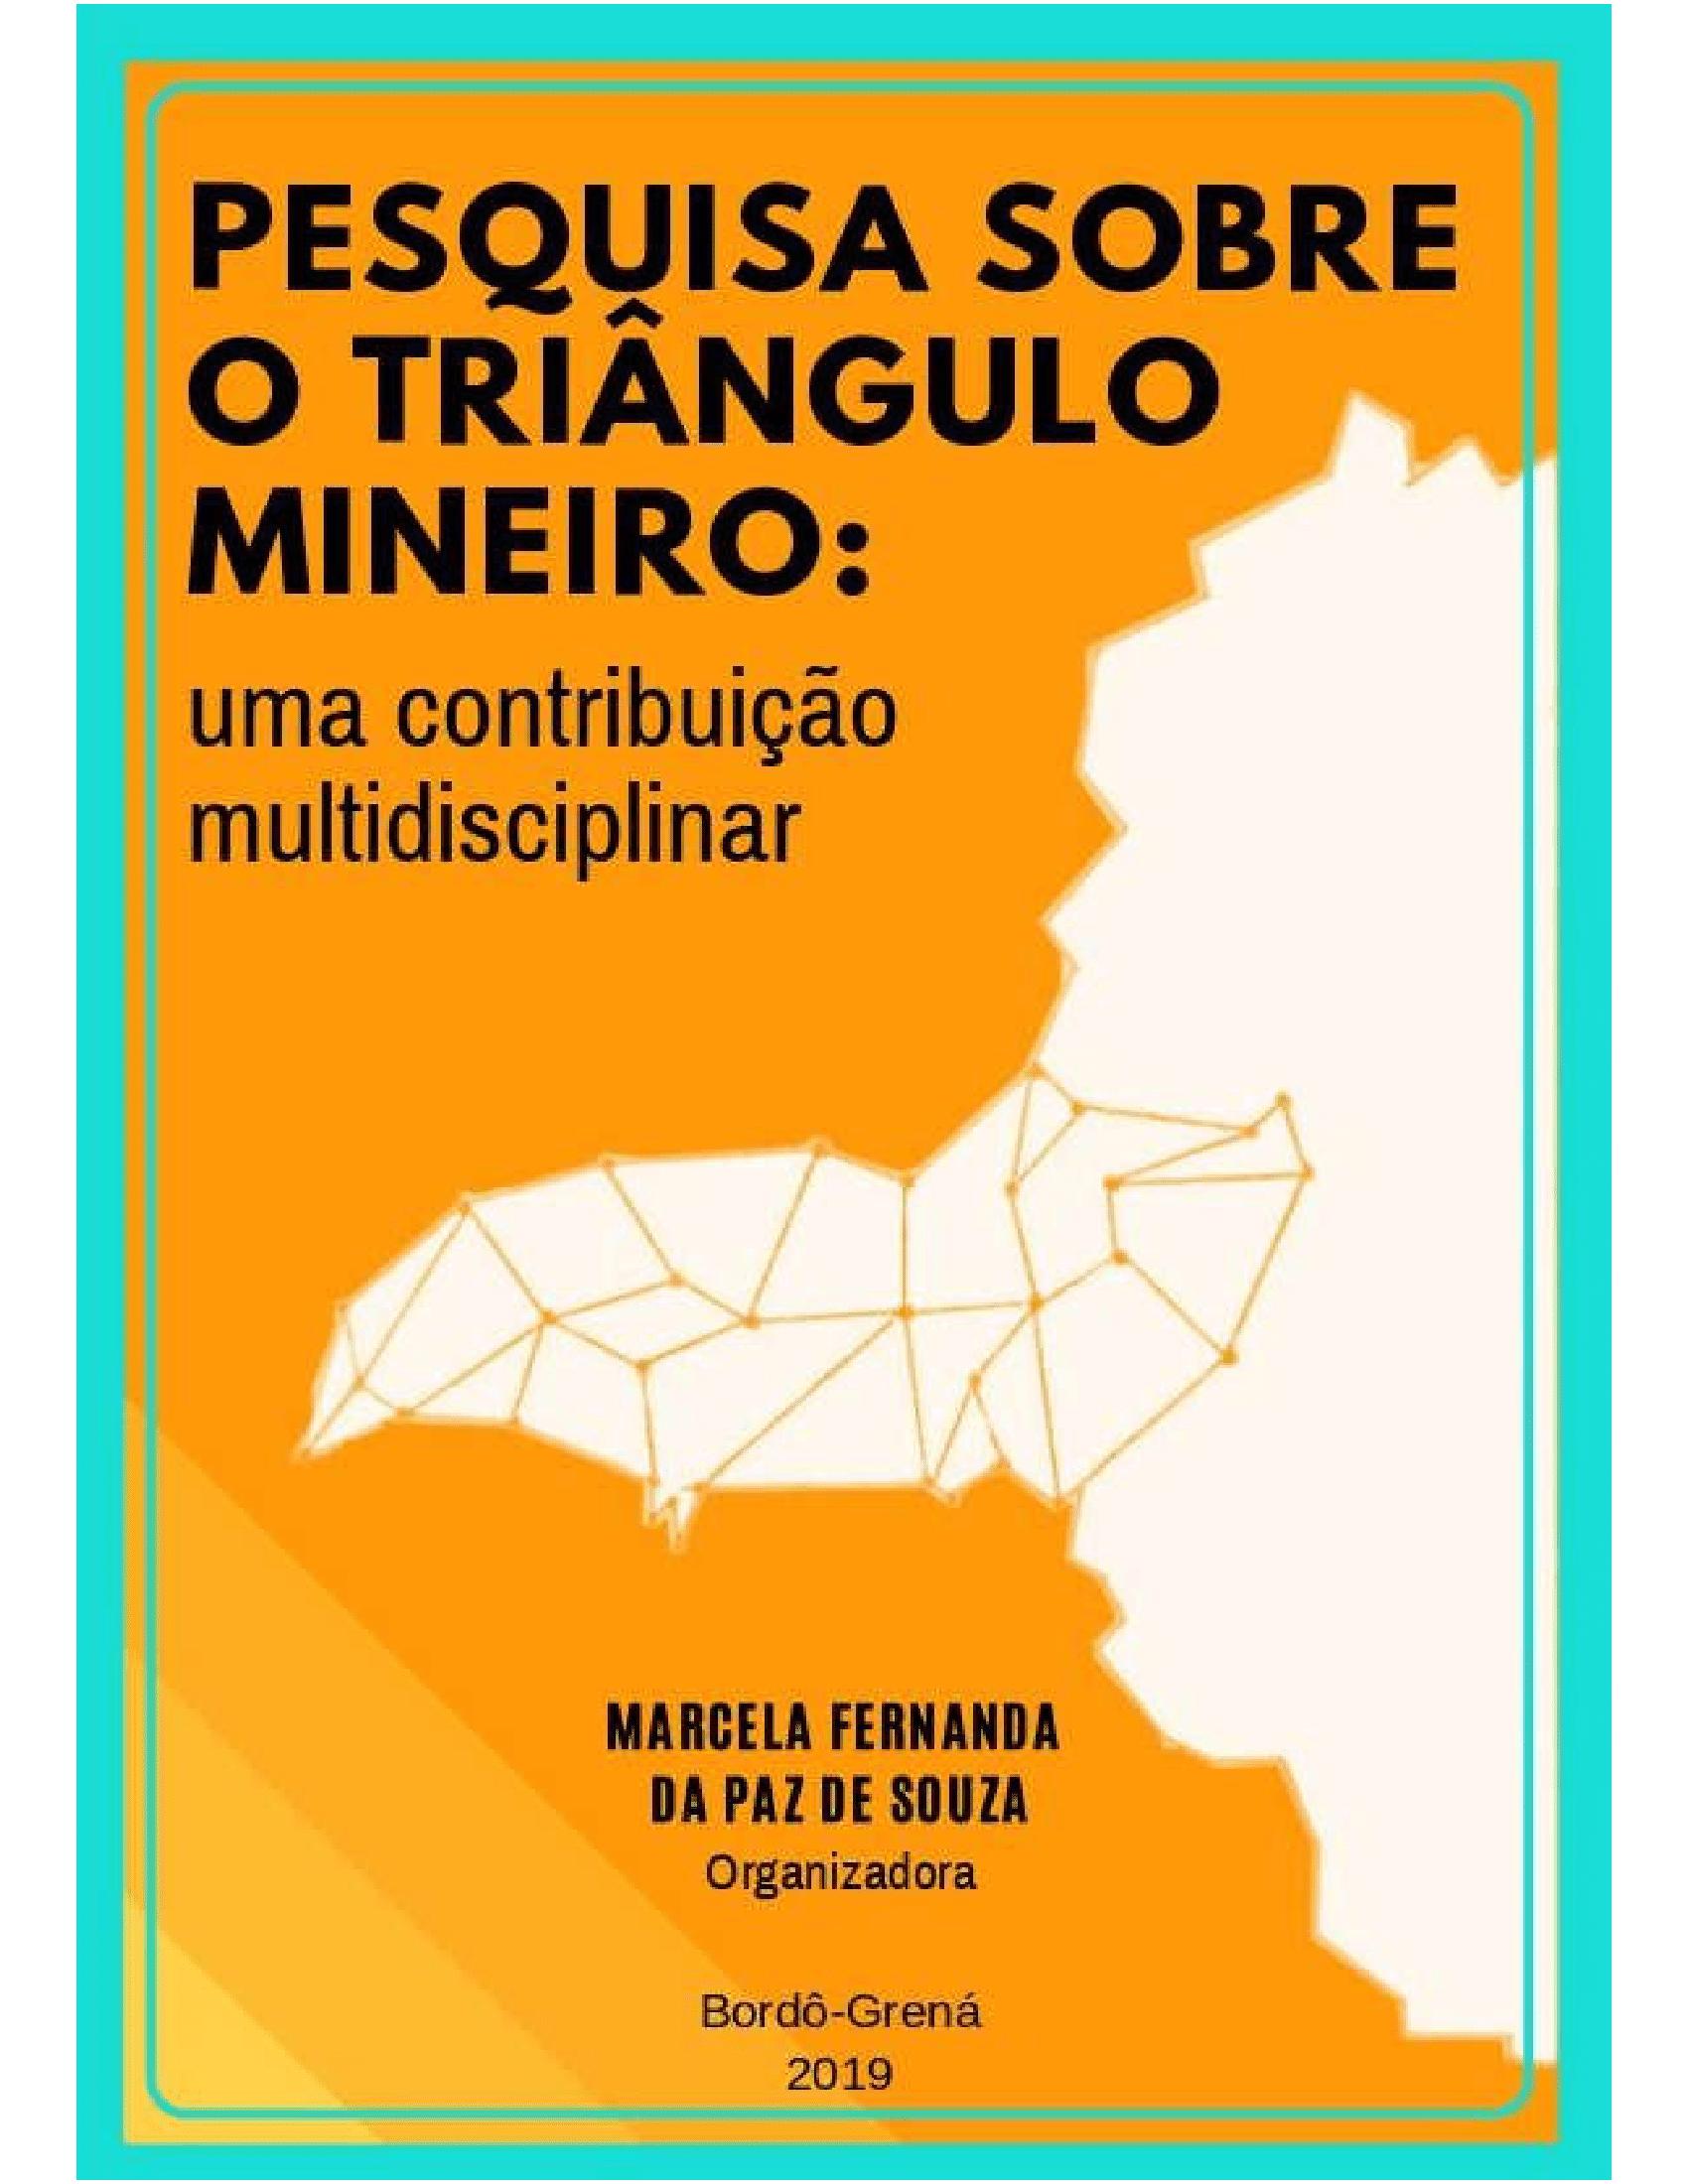 Pesquisas sobre o triângulo mineiro: uma contribuição interdisciplinar